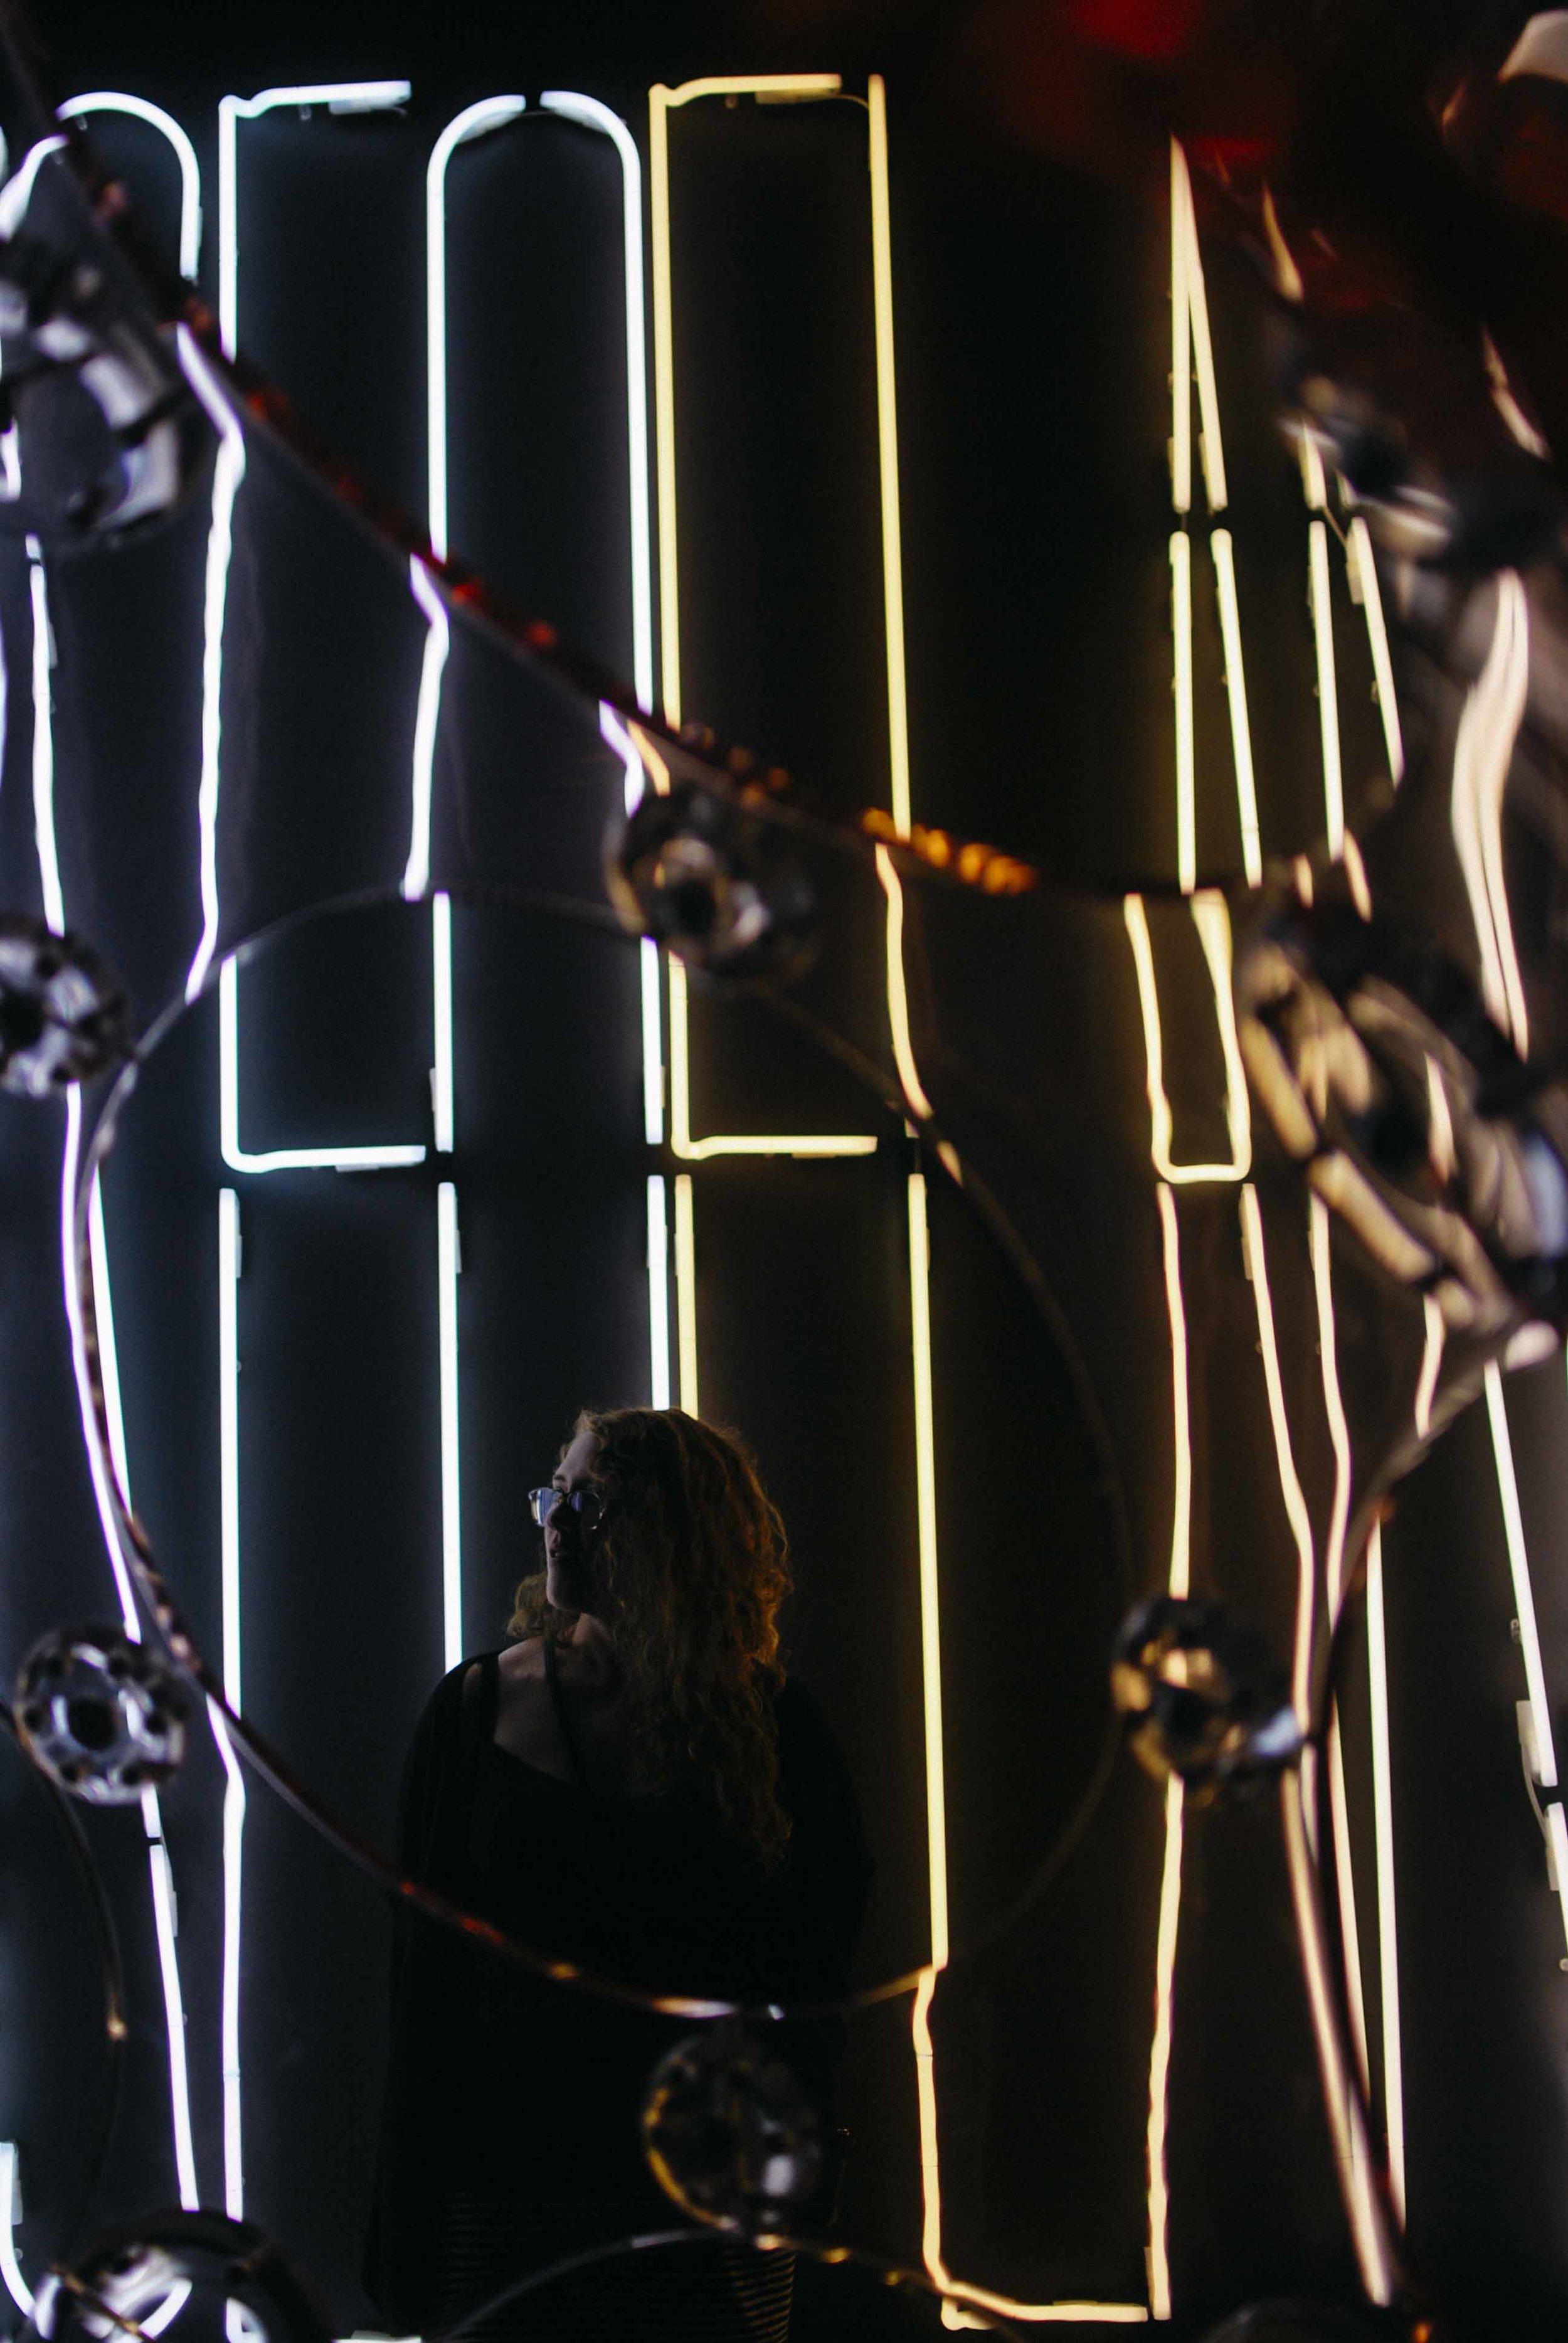 Aarhus_ARoS_Kate_Lights_IW.jpg